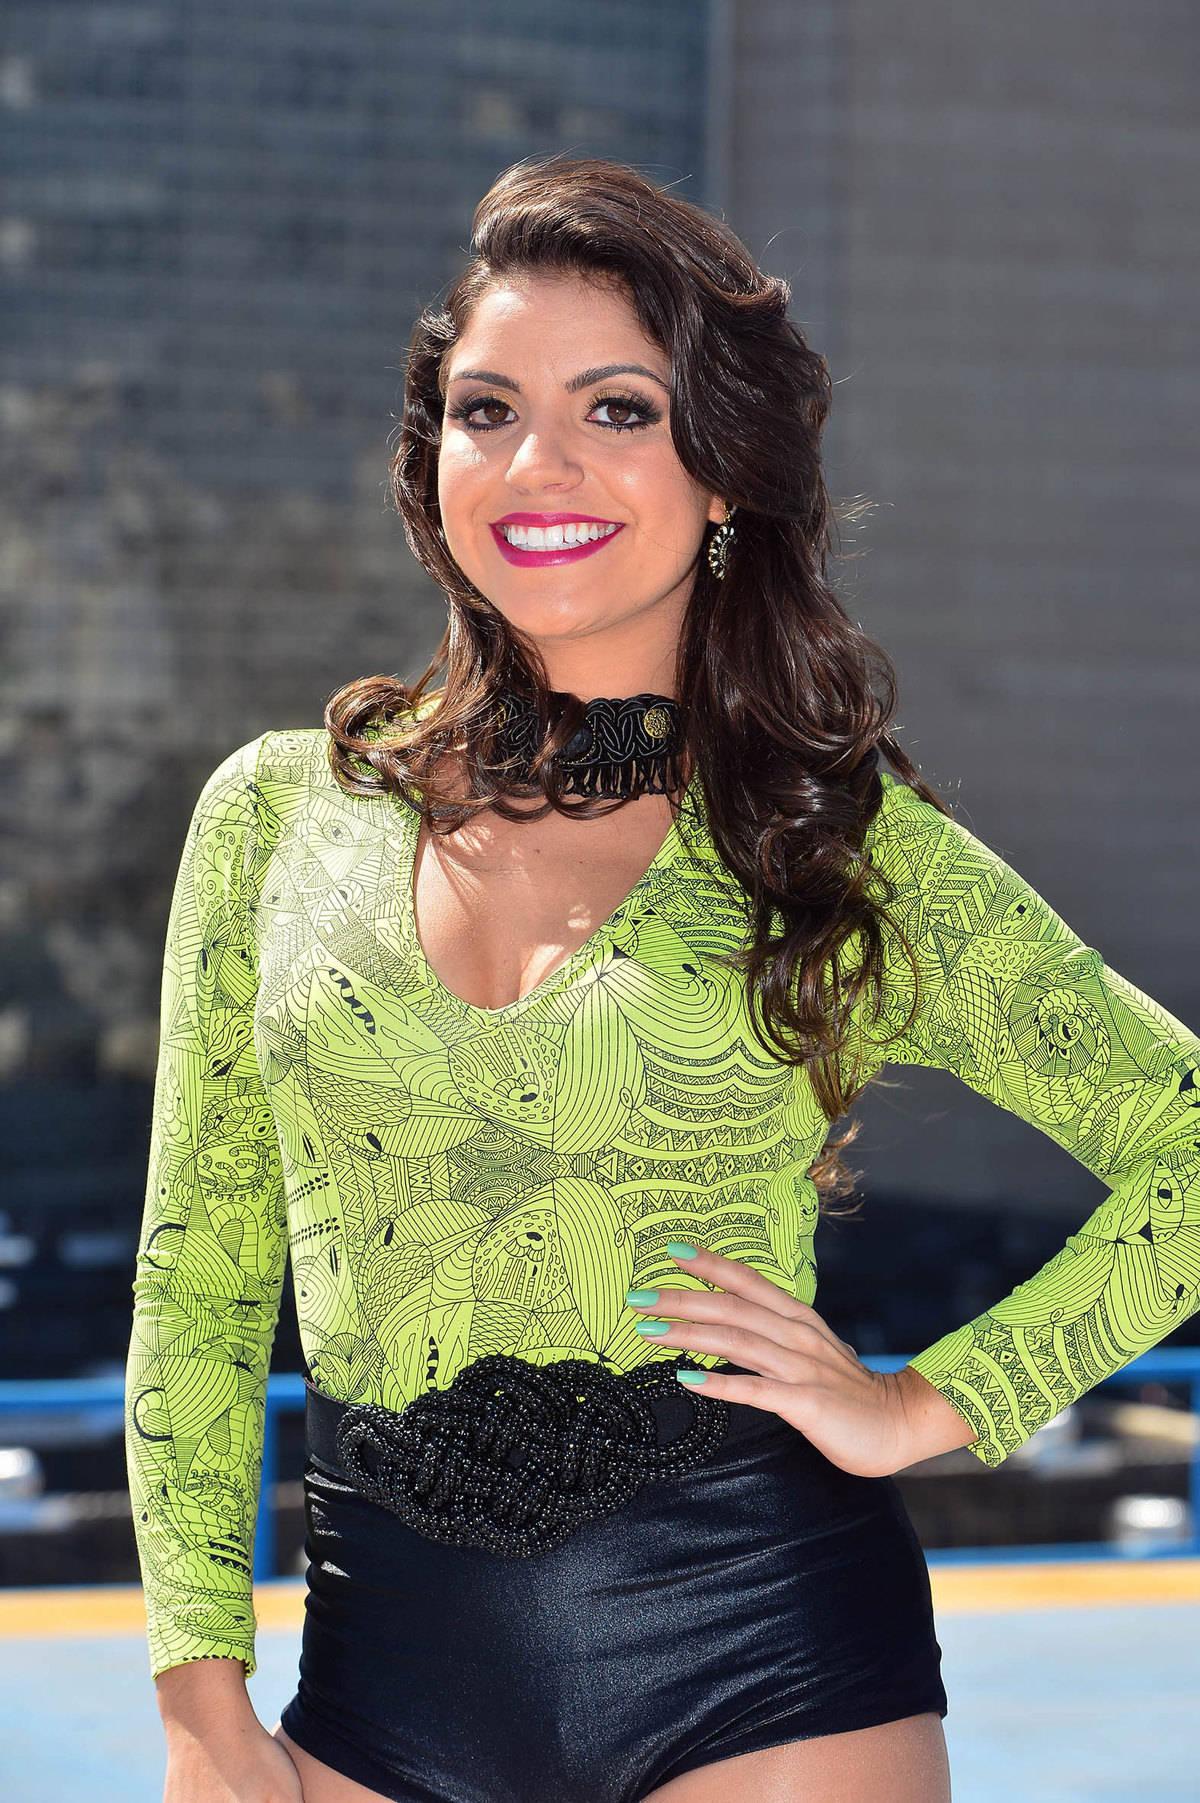 Conheça Fernanda Rubio, a bailarina mais votada na enquete da Hora ...